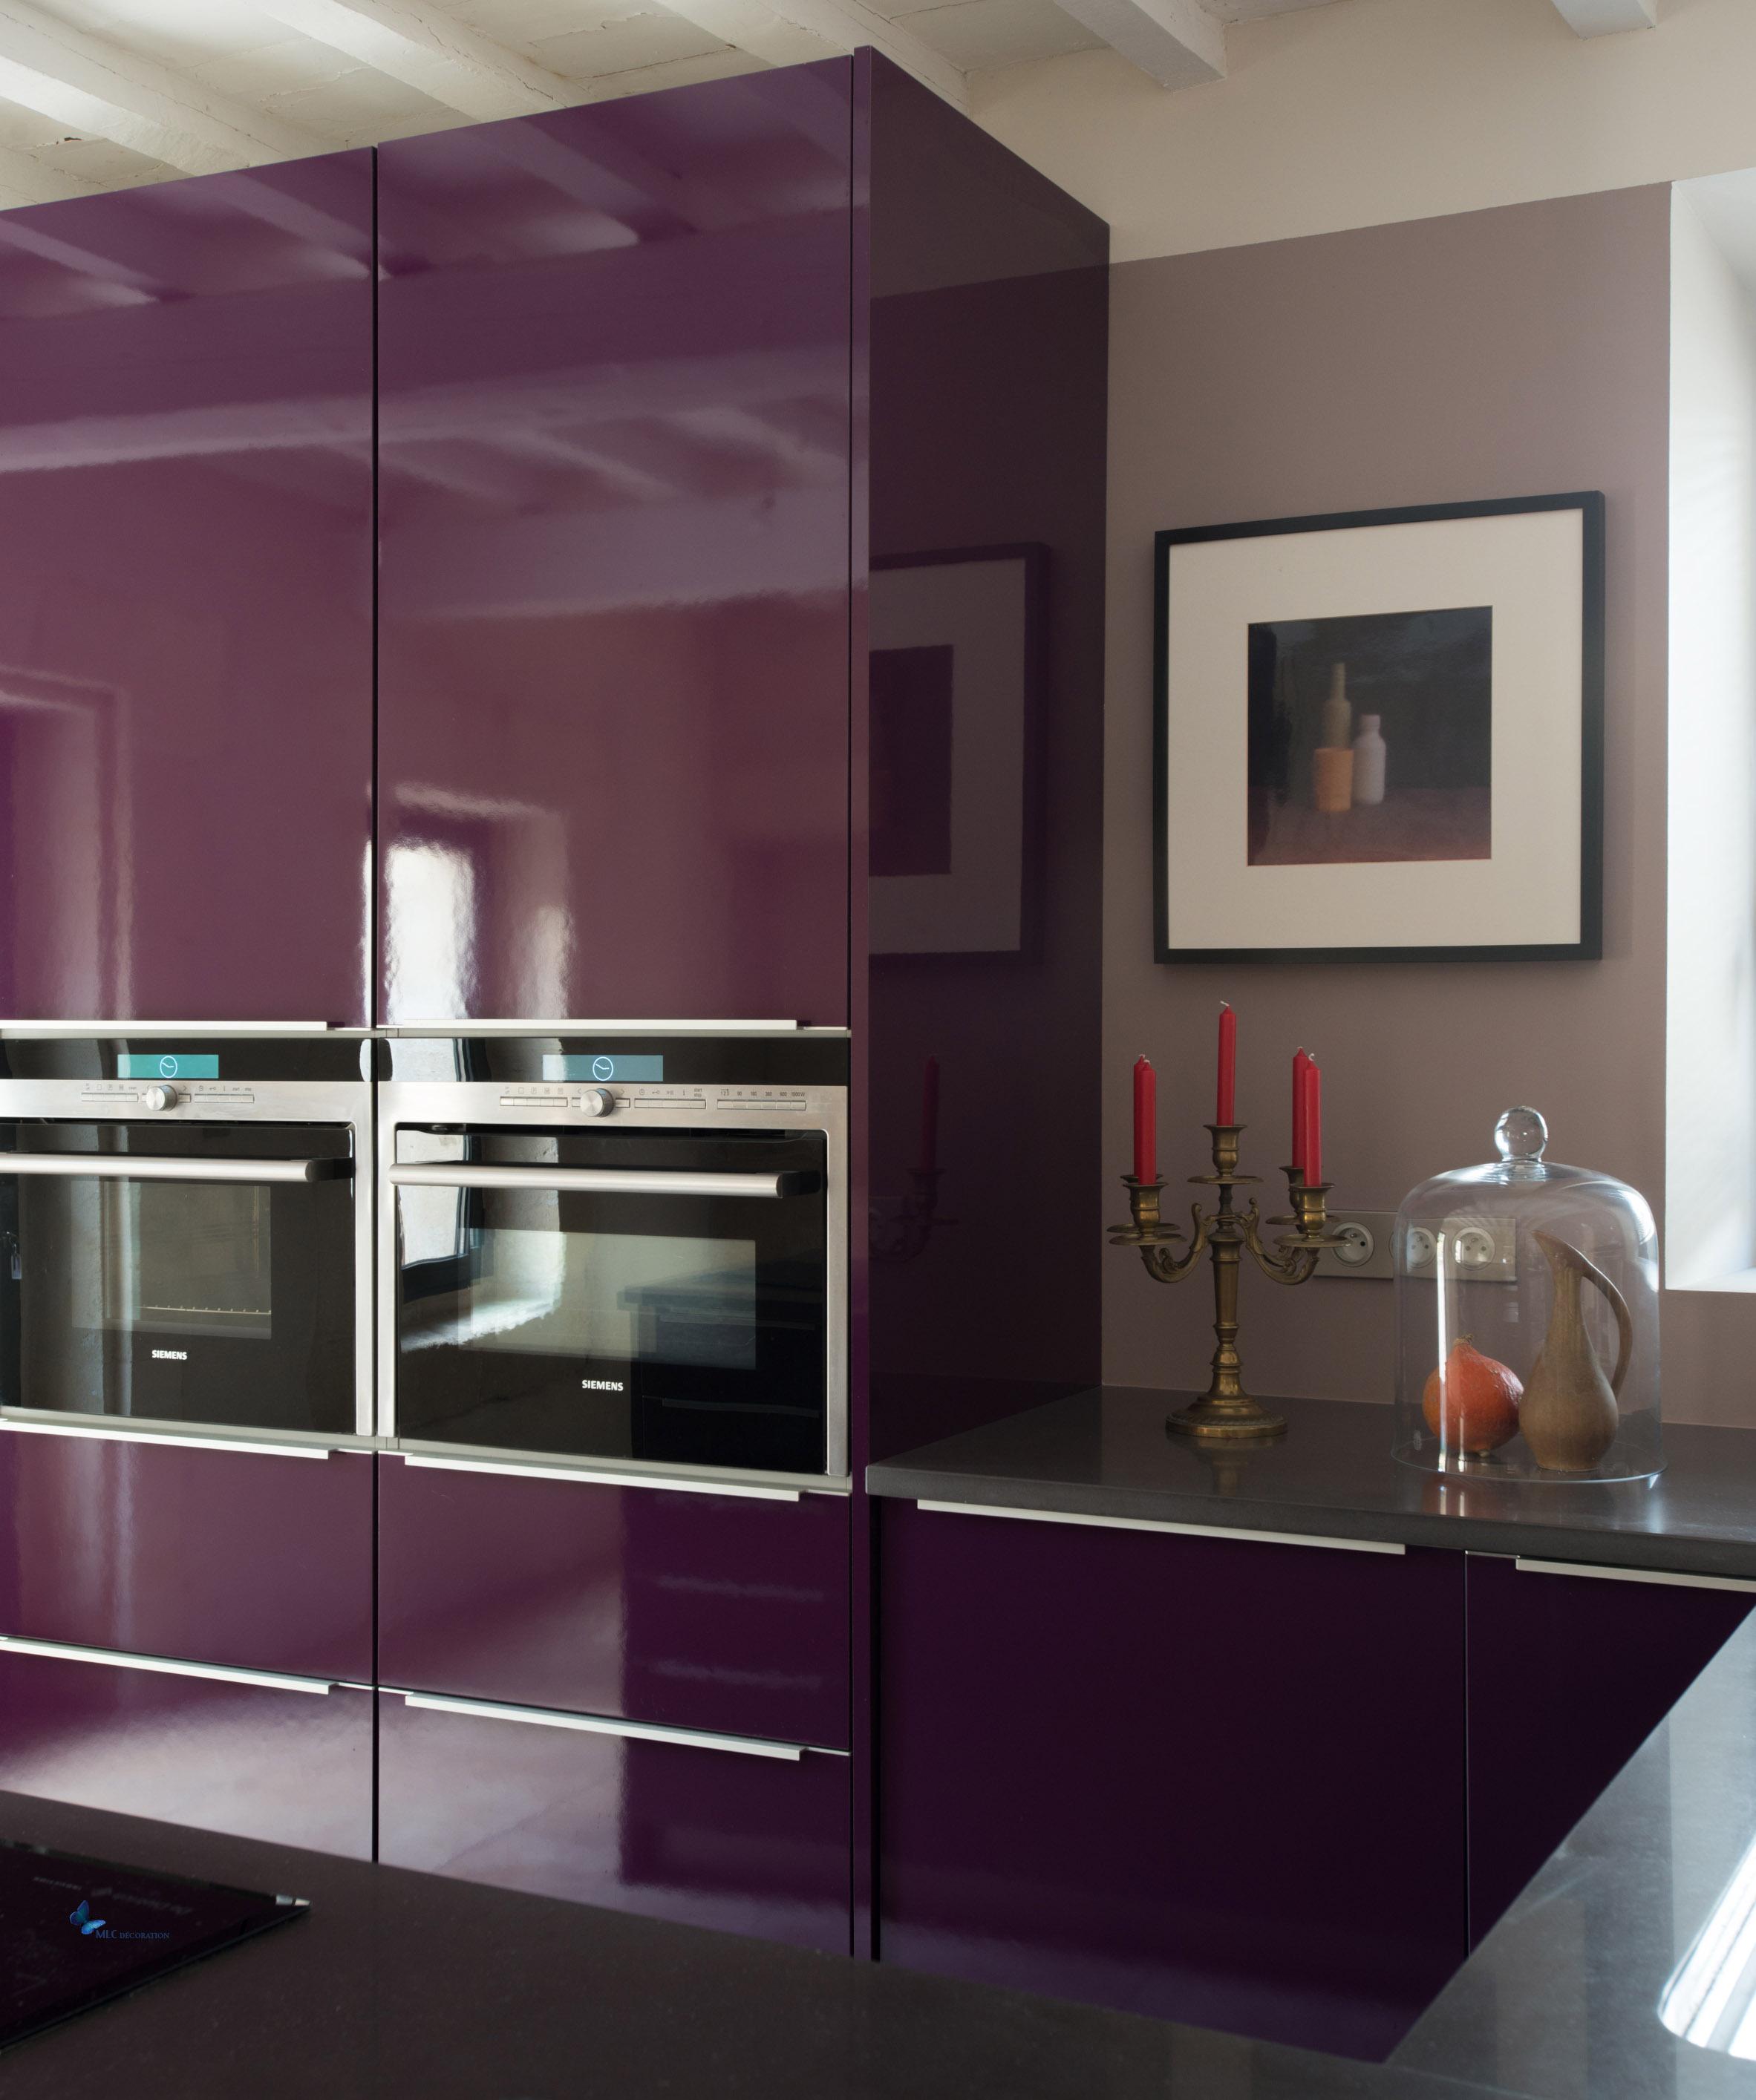 Des jolies couleurs pour la cuisine : grise, noire, aubergine, rose